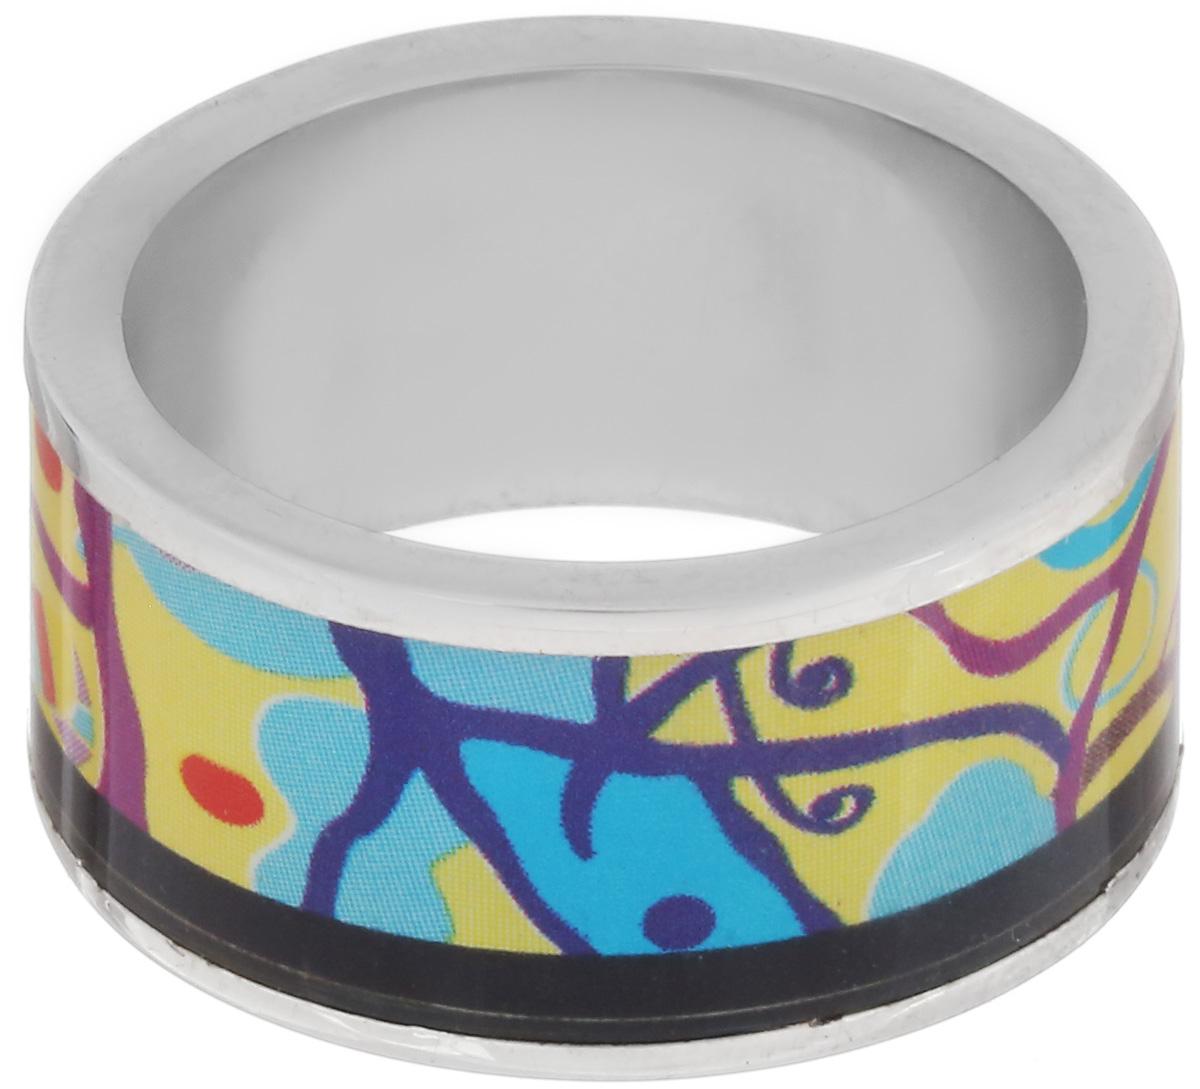 Кольцо Art-Silver, цвет: серебристый, мультиколор. ФК111-1-320. Размер 18,5ФК111-1-320Великолепное кольцо Art-Silver изготовлено из бижутерного сплава. Изделие с покрытием из эмали оформлено принтом в виде оригинального орнамента. Стильное кольцо придаст вашему образу изюминку и подчеркнет индивидуальность.